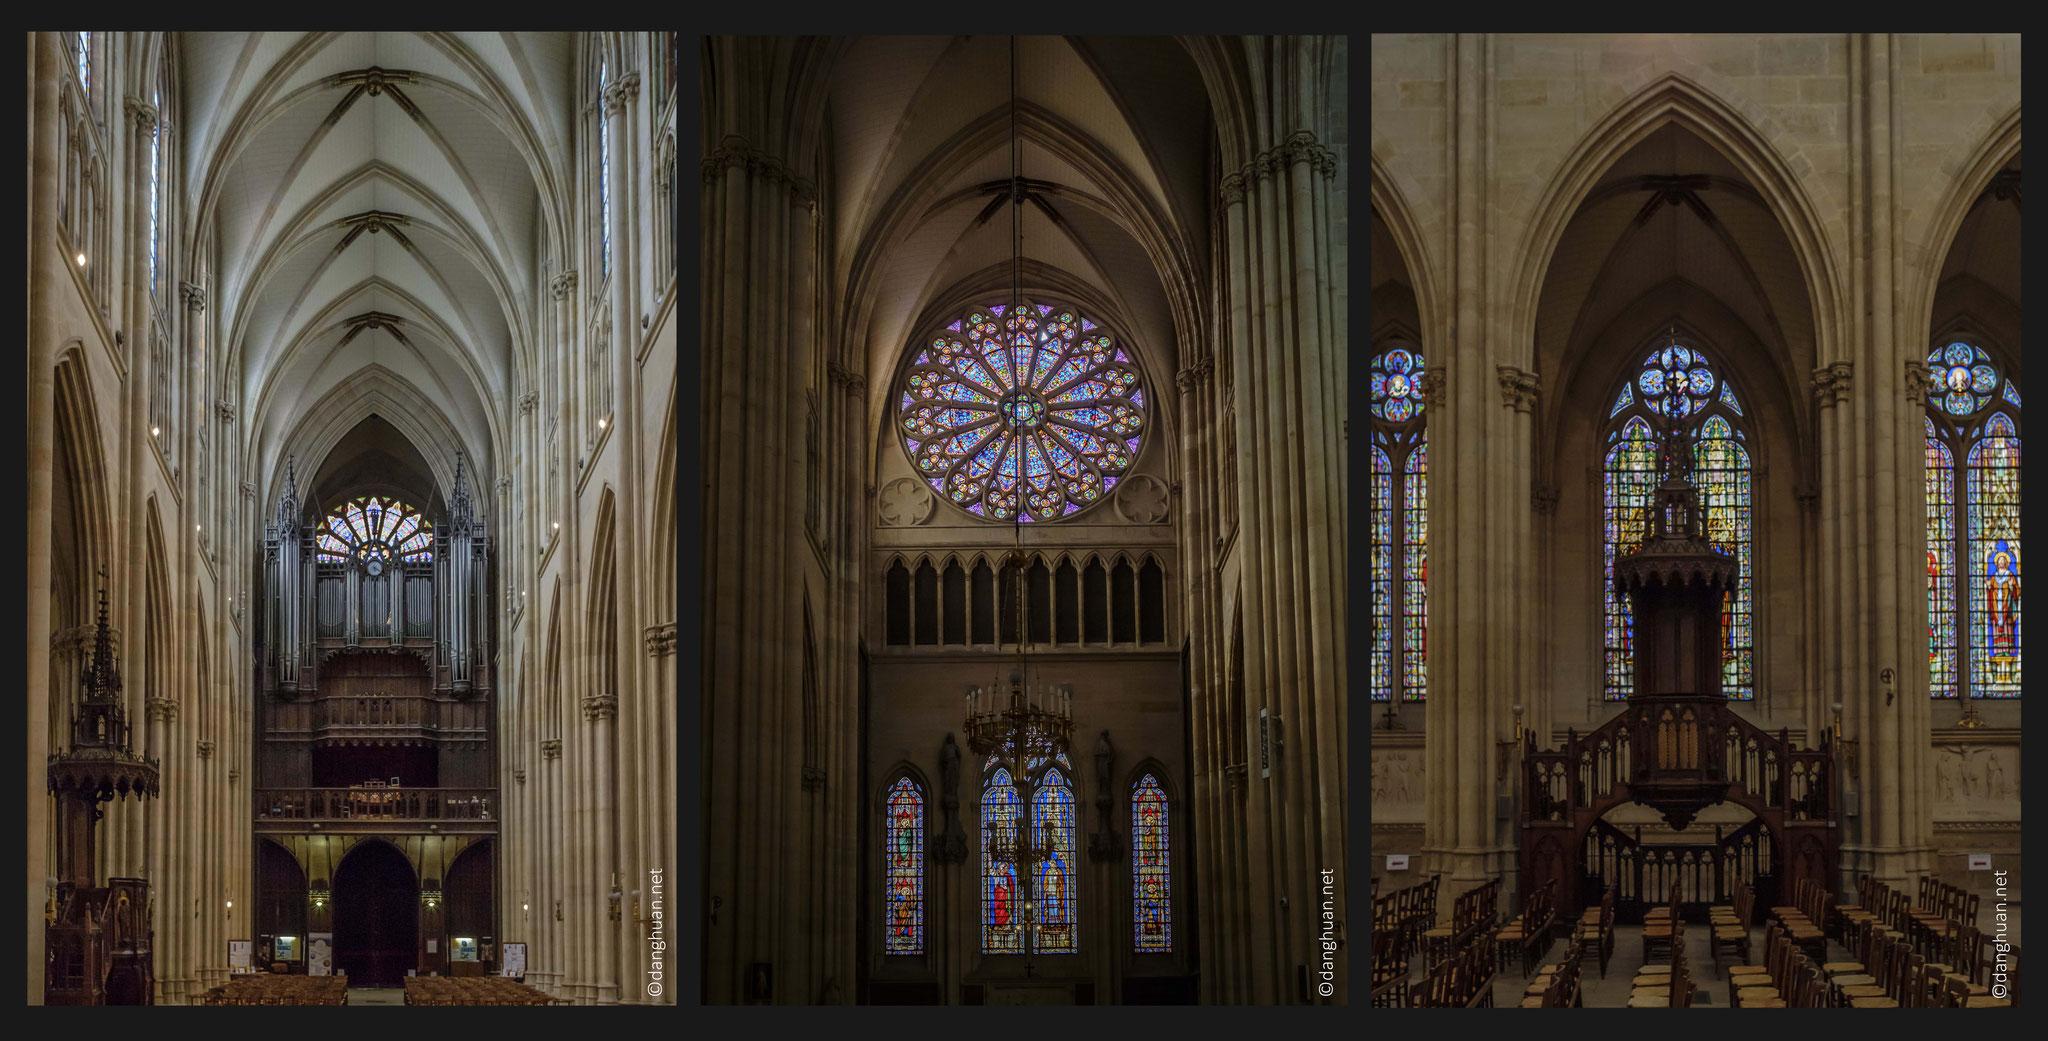 Basilique Sainte Clotilde - l'orgue est célèbre dans le monde entier pour la qualité sonore de ses tuyaux renforcée par une acoustique exceptionnelle de la Basilique